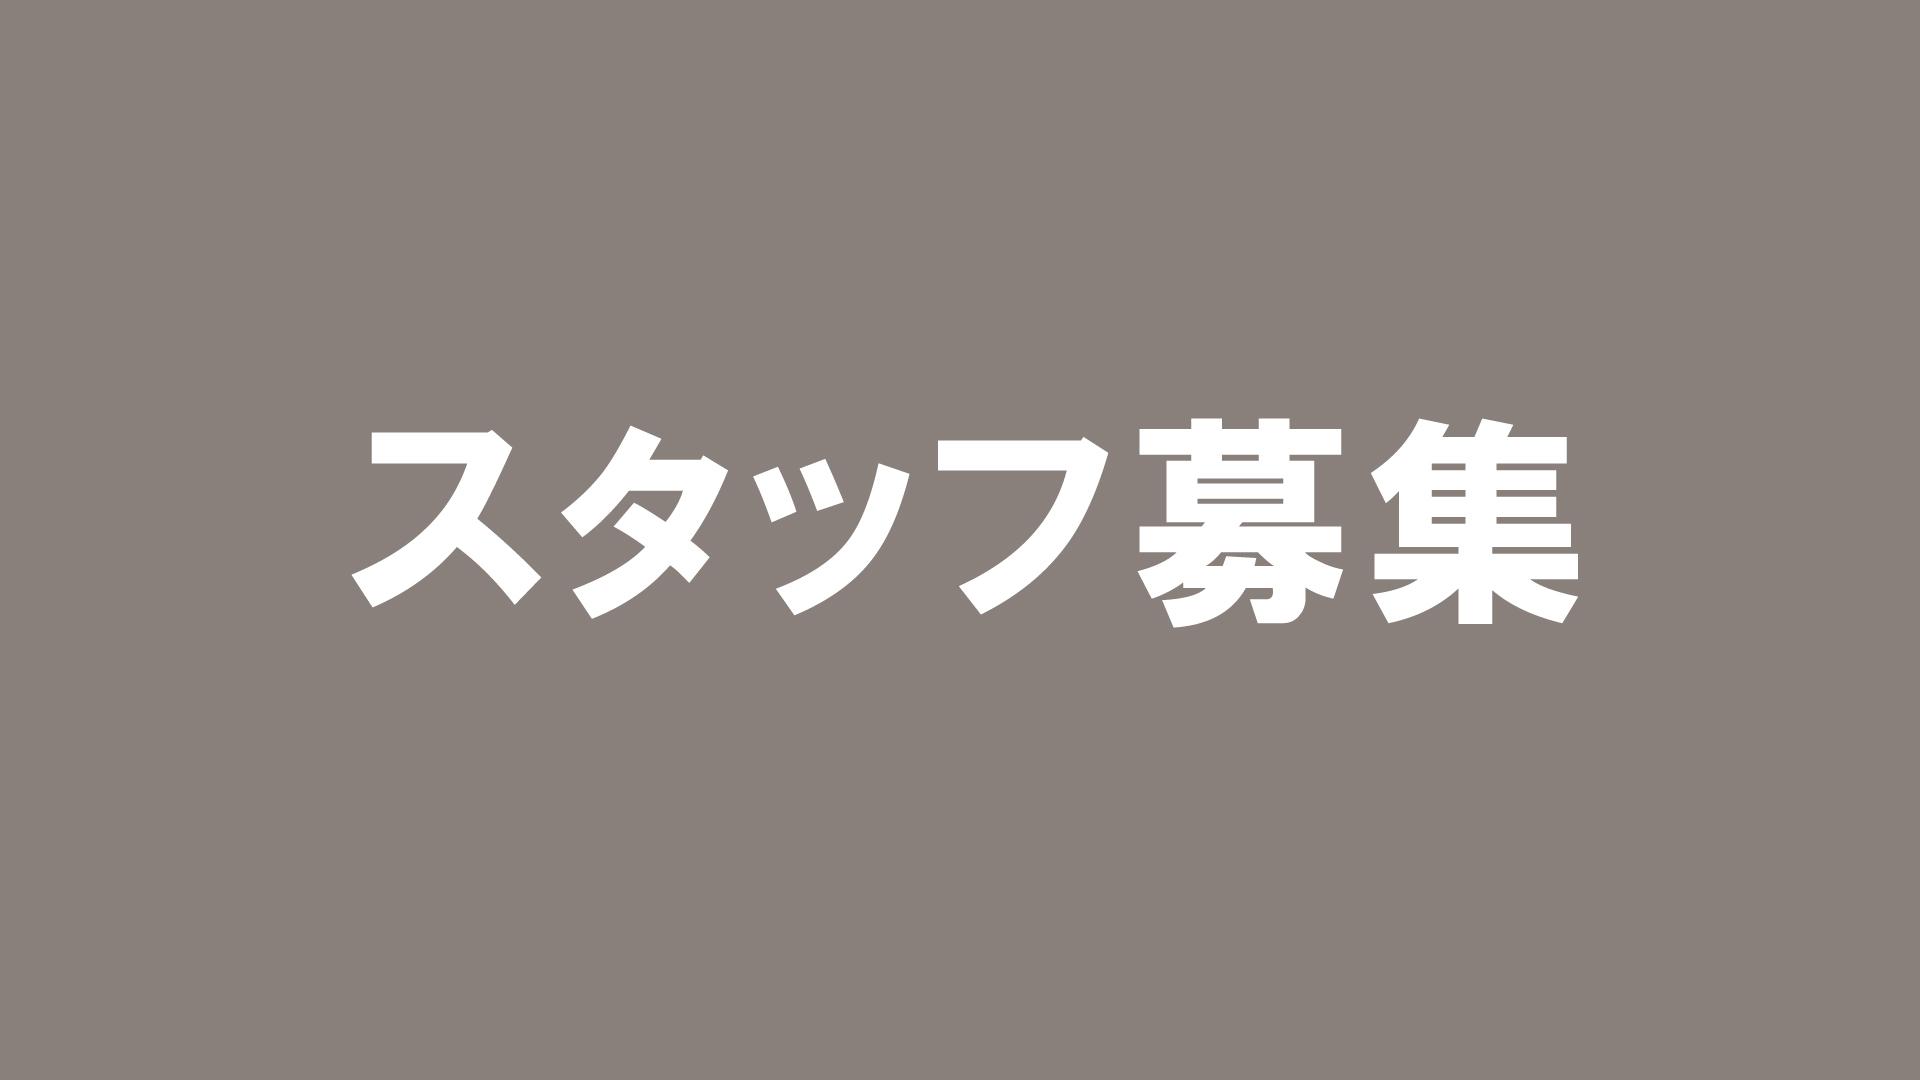 カメラマン・ヘアメイク・着付(アルバイト&登録)募集